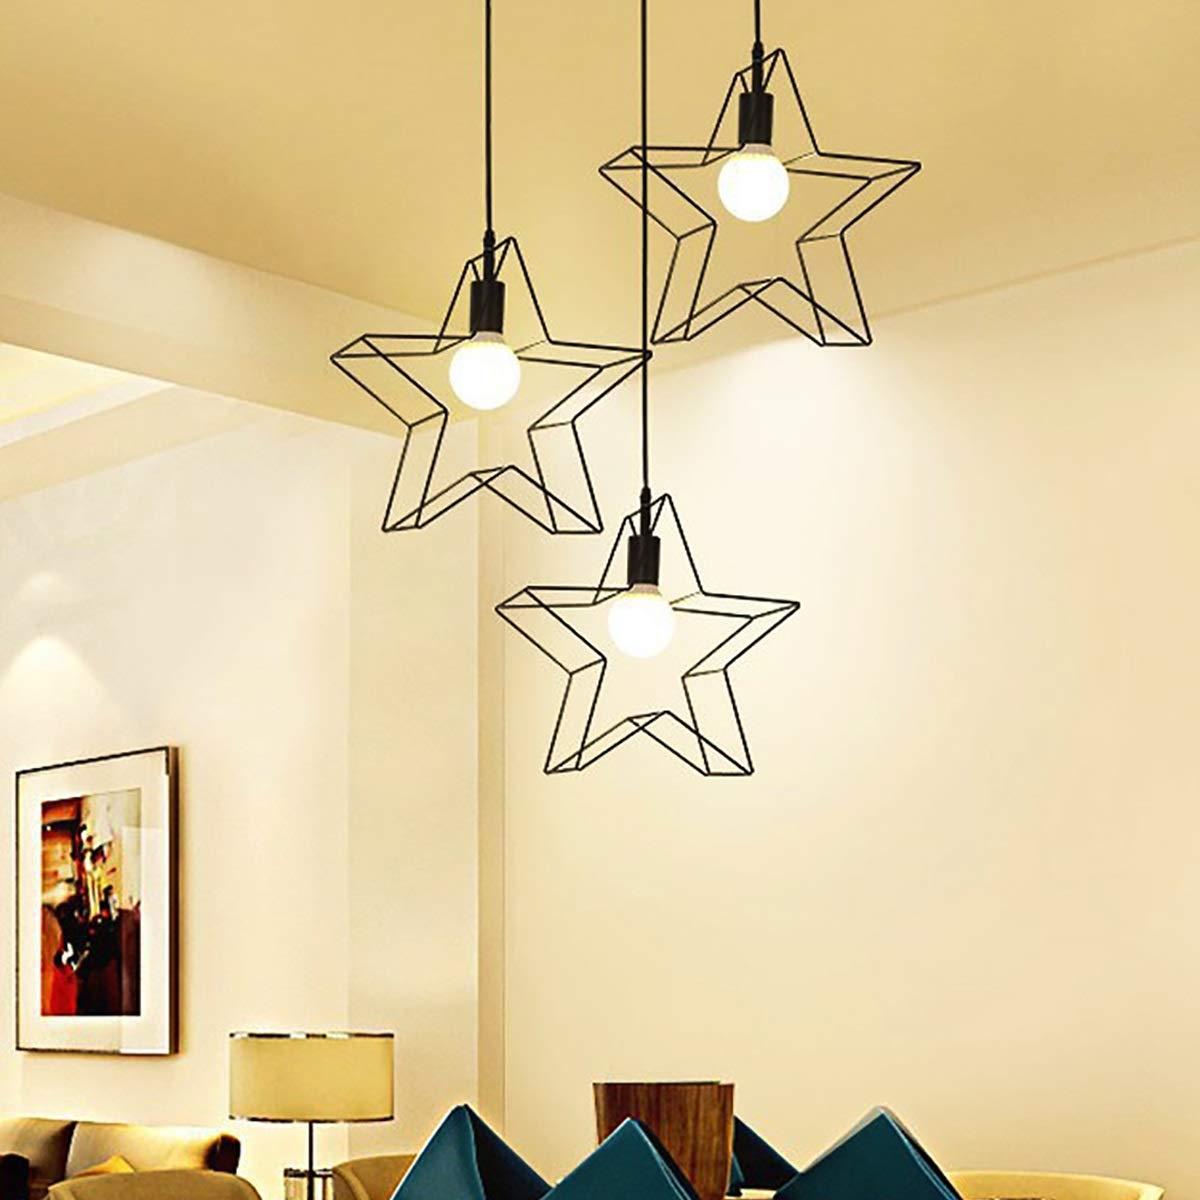 LED Lampen Elektroinstallation Shishanyun Moderne Lampen Schmiedeeisen LED  Kronleuchter Wohnzimmer Schlafzimmer Küche Lampe Fünfzackigen Sterne  Kronleuchter ...